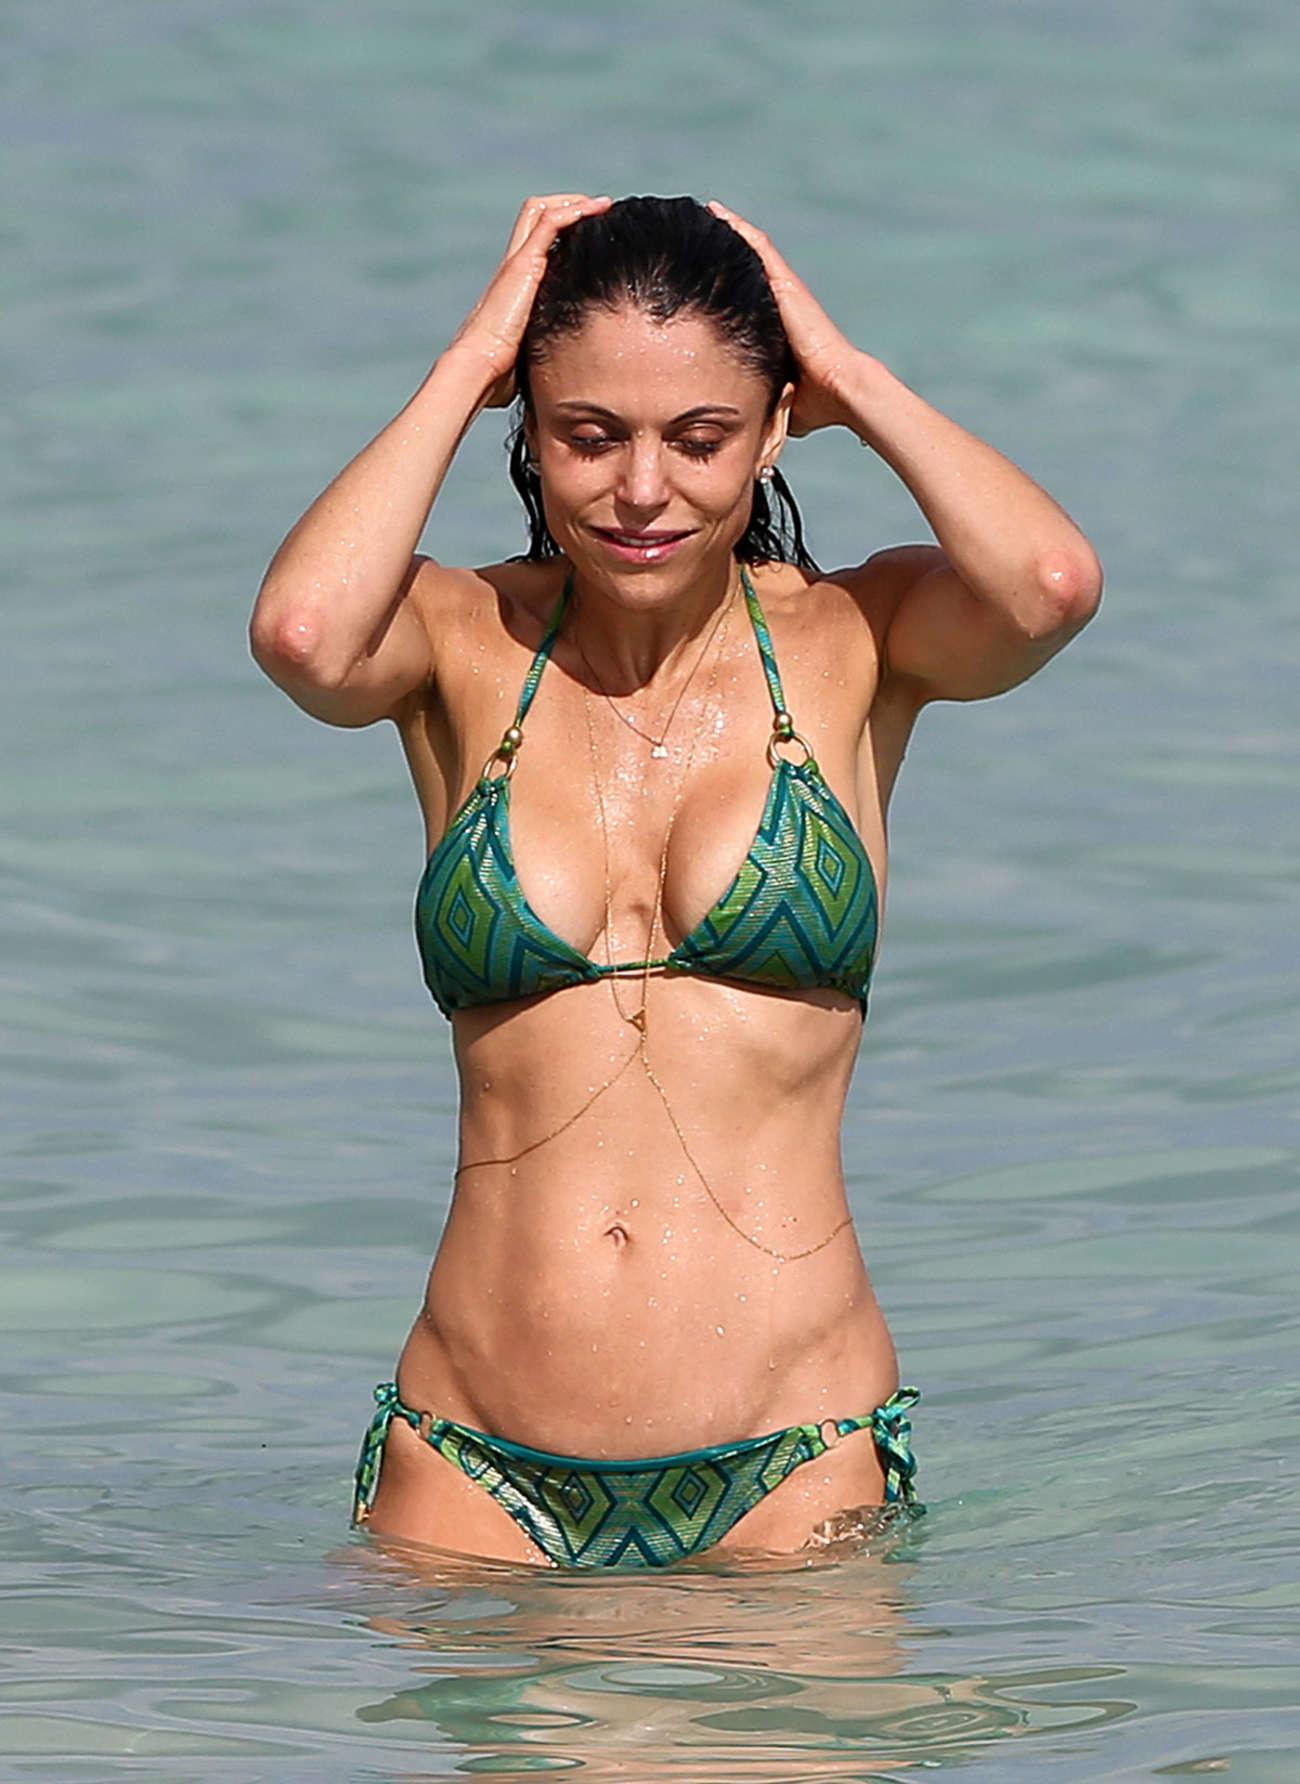 Green bikini swimsuit